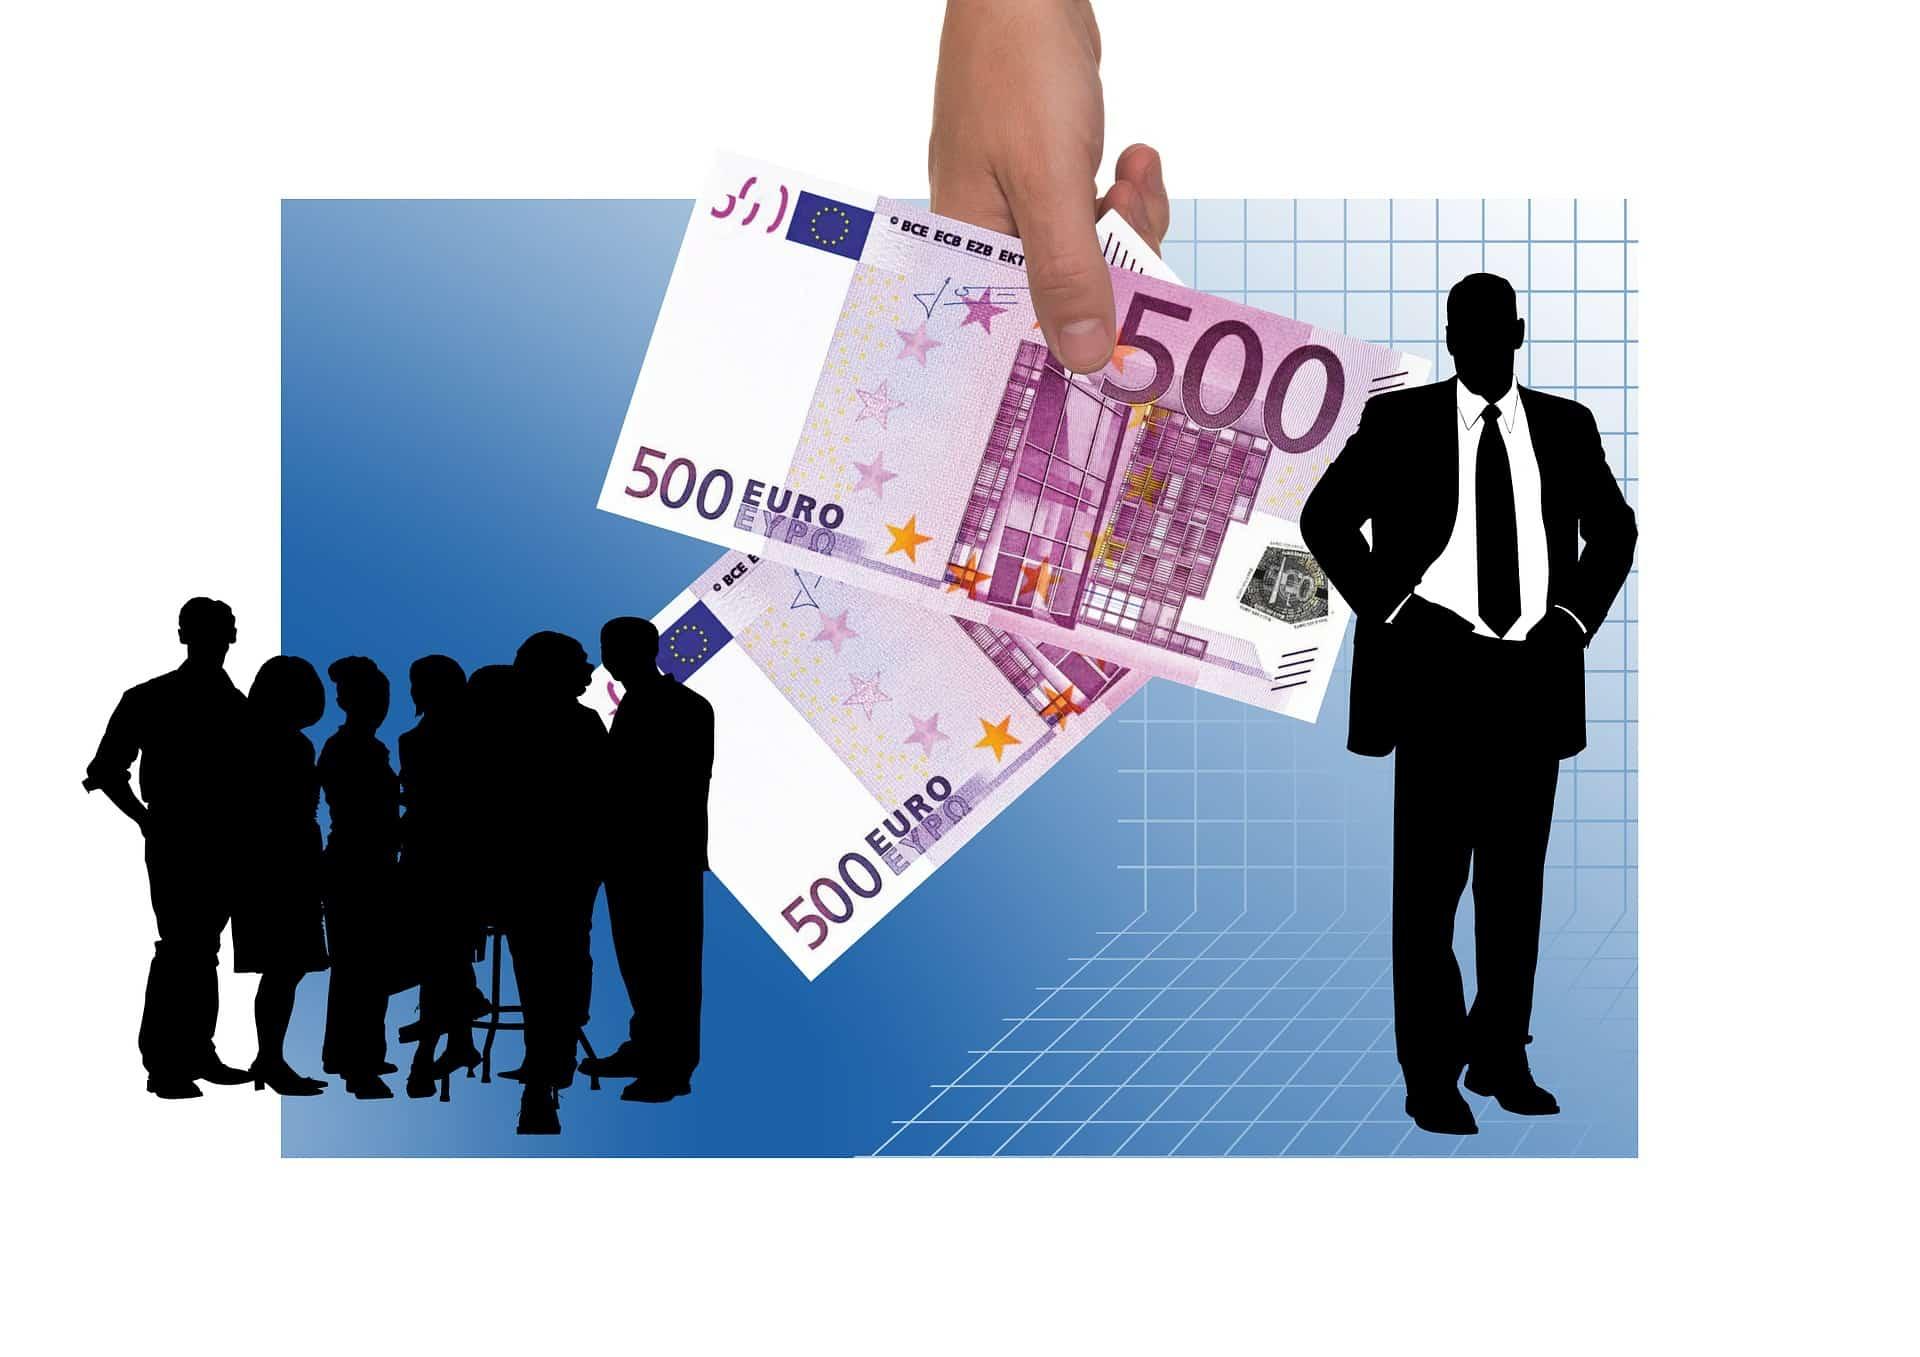 Koszty kredytu - na czym zarabiają banki?